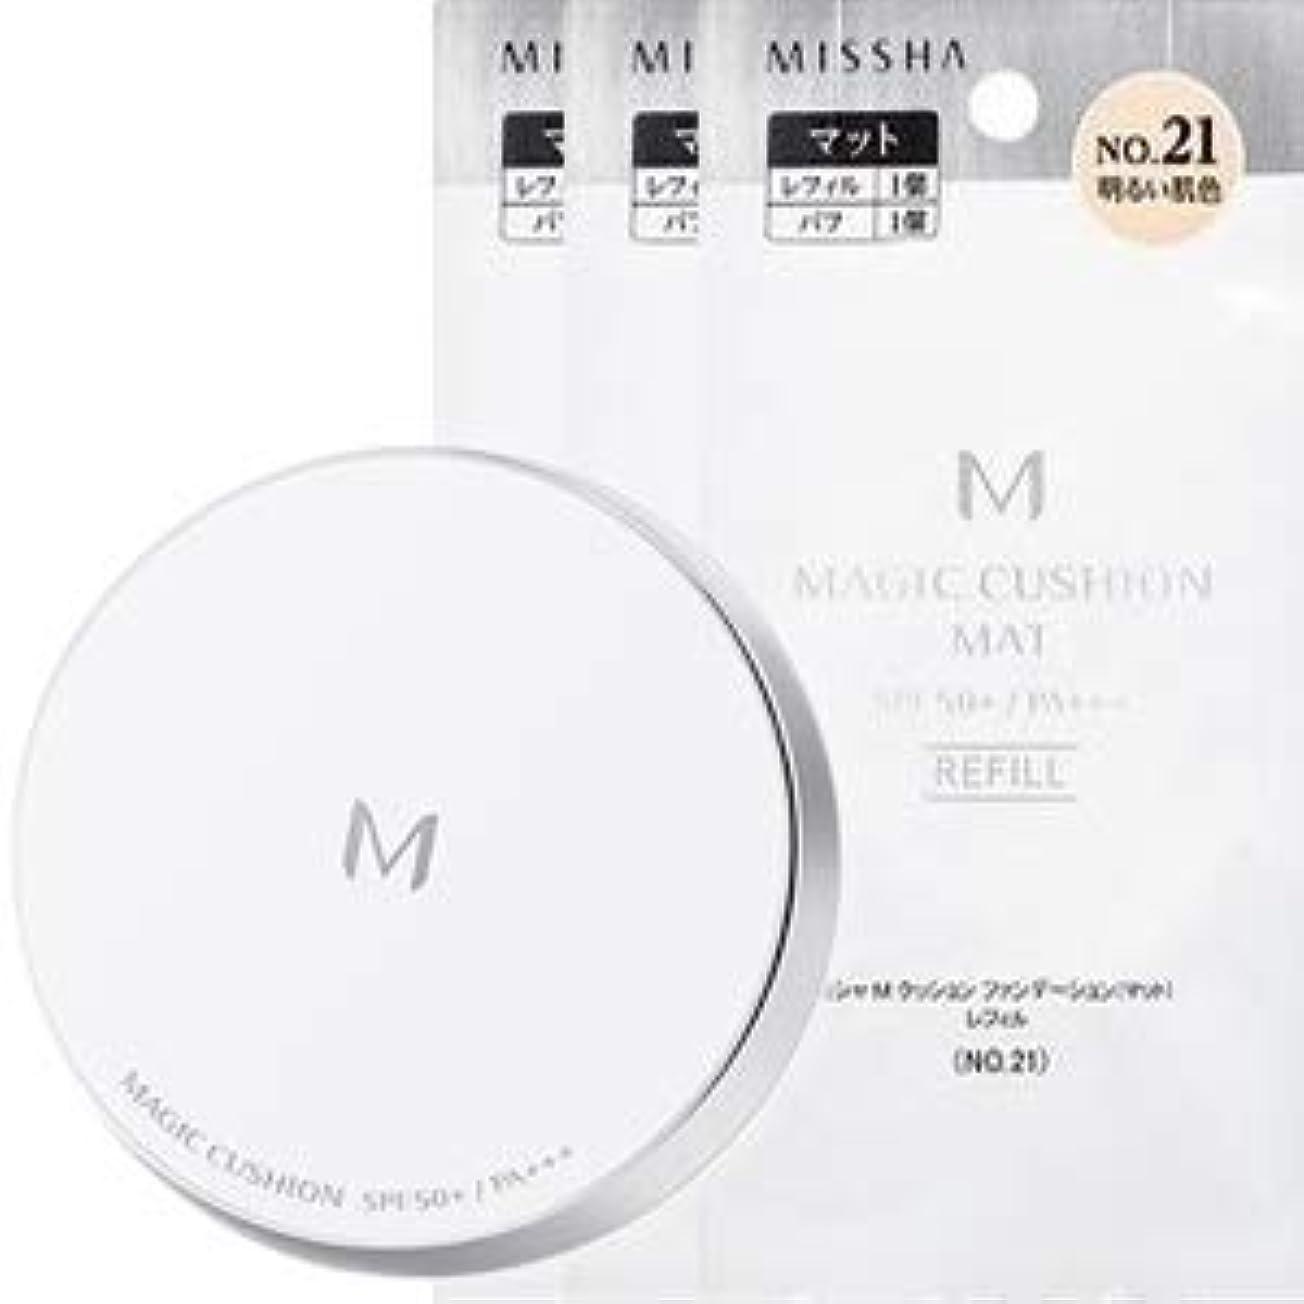 今までミス合併症ミシャ M クッション ファンデーション (マット) No.21 本体 + レフィル 3点セット